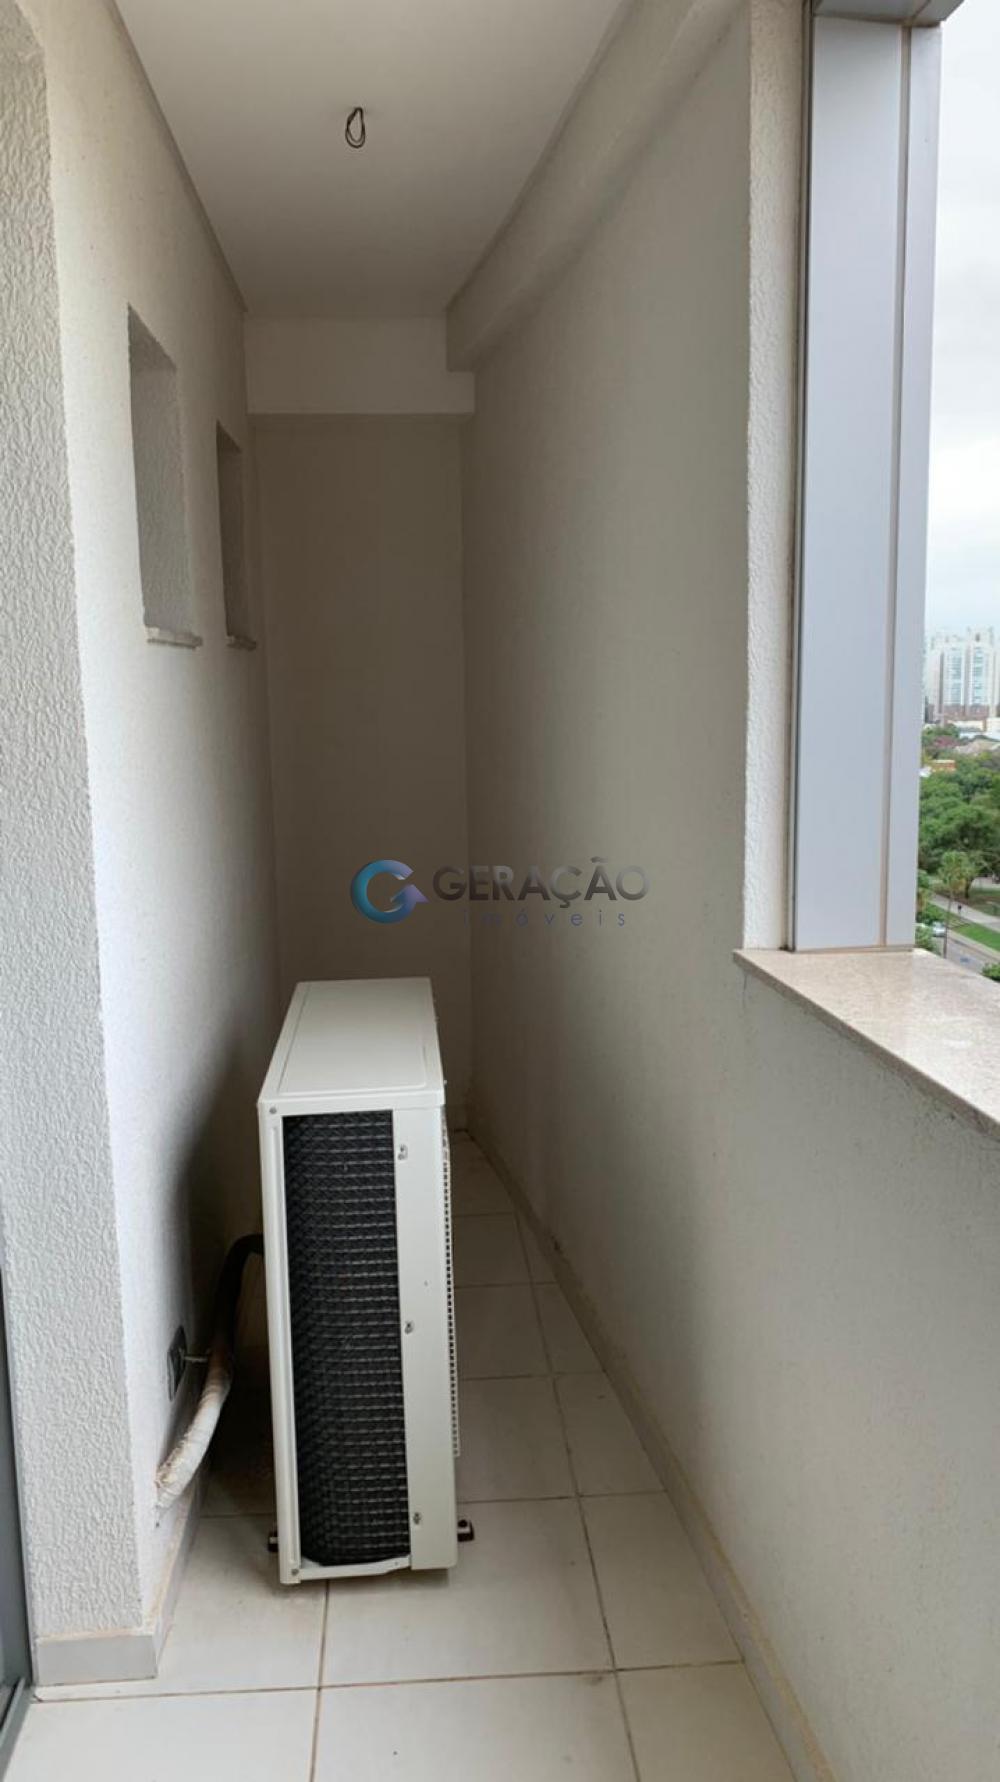 Comprar Comercial / Sala em Condomínio em São José dos Campos R$ 270.000,00 - Foto 8